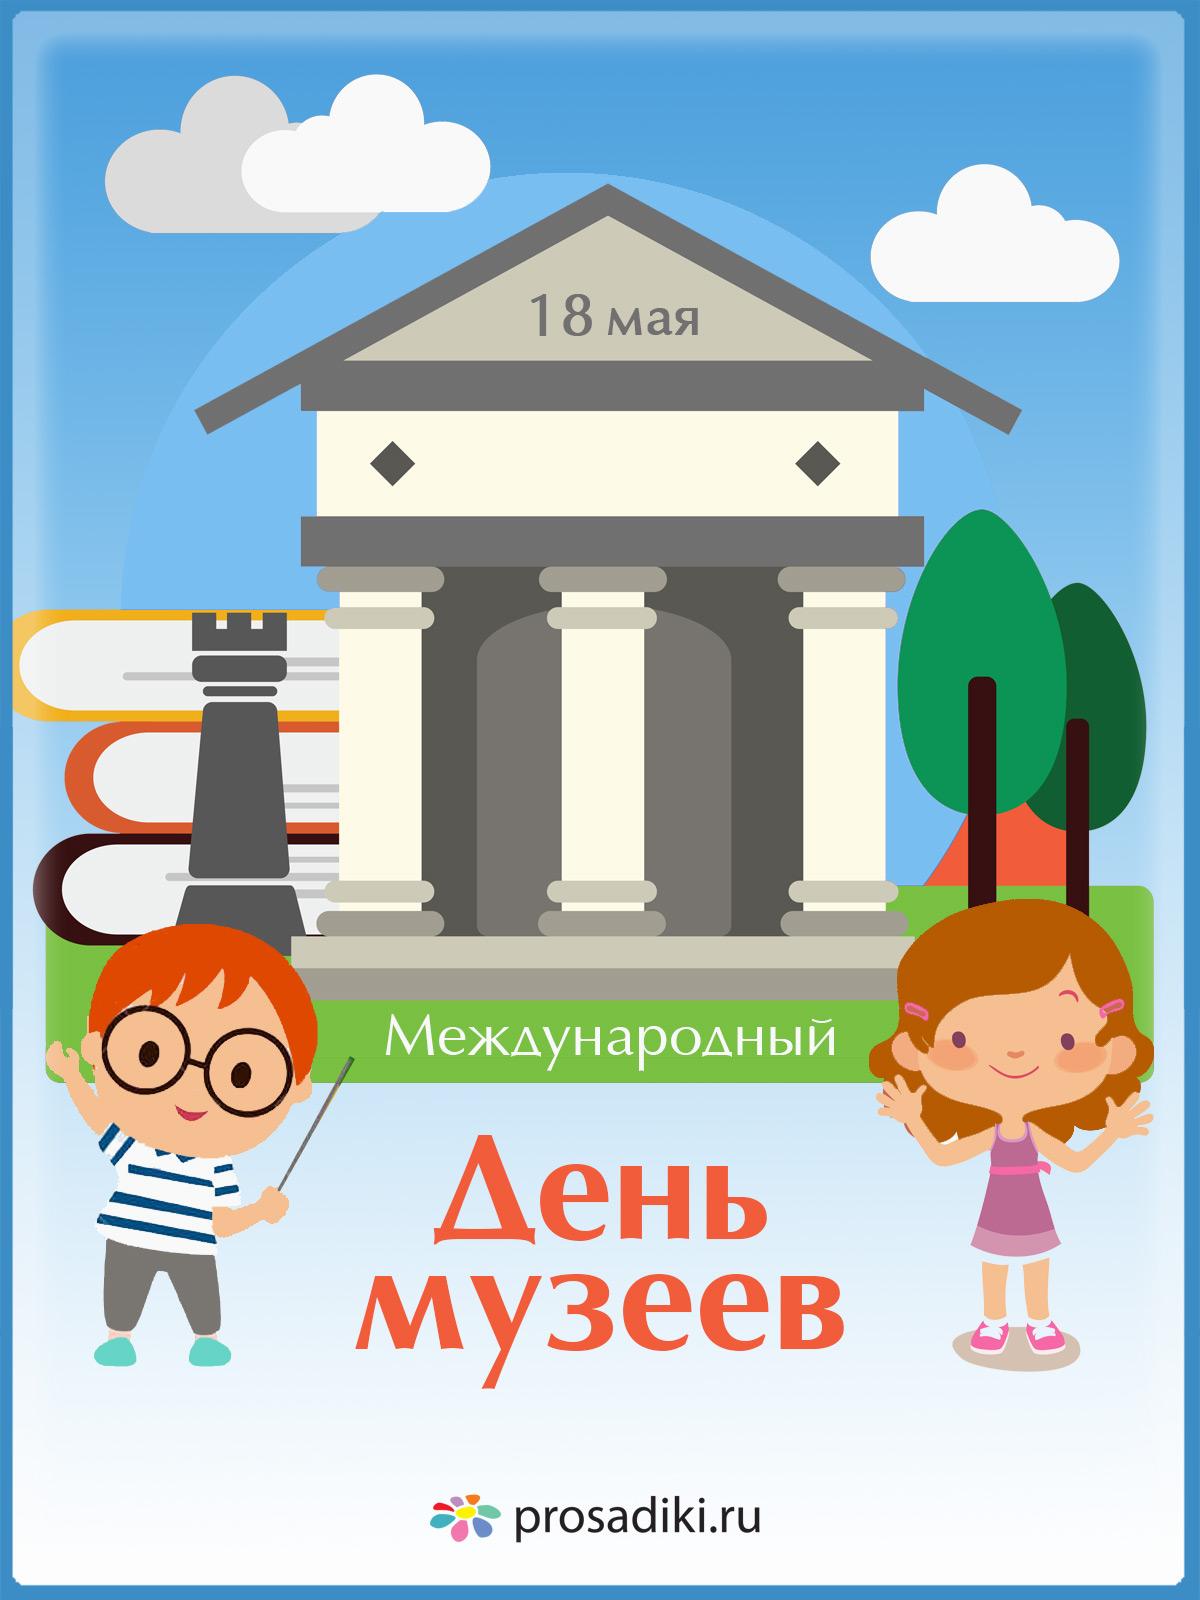 Открытки на день музеев,день музея,с праздником день музея.  Открытки,картинки с праздником день музеев, международный день музеев,музея открытка,картинка на день музея, открытка,картинка с поздравлениями на день музея .